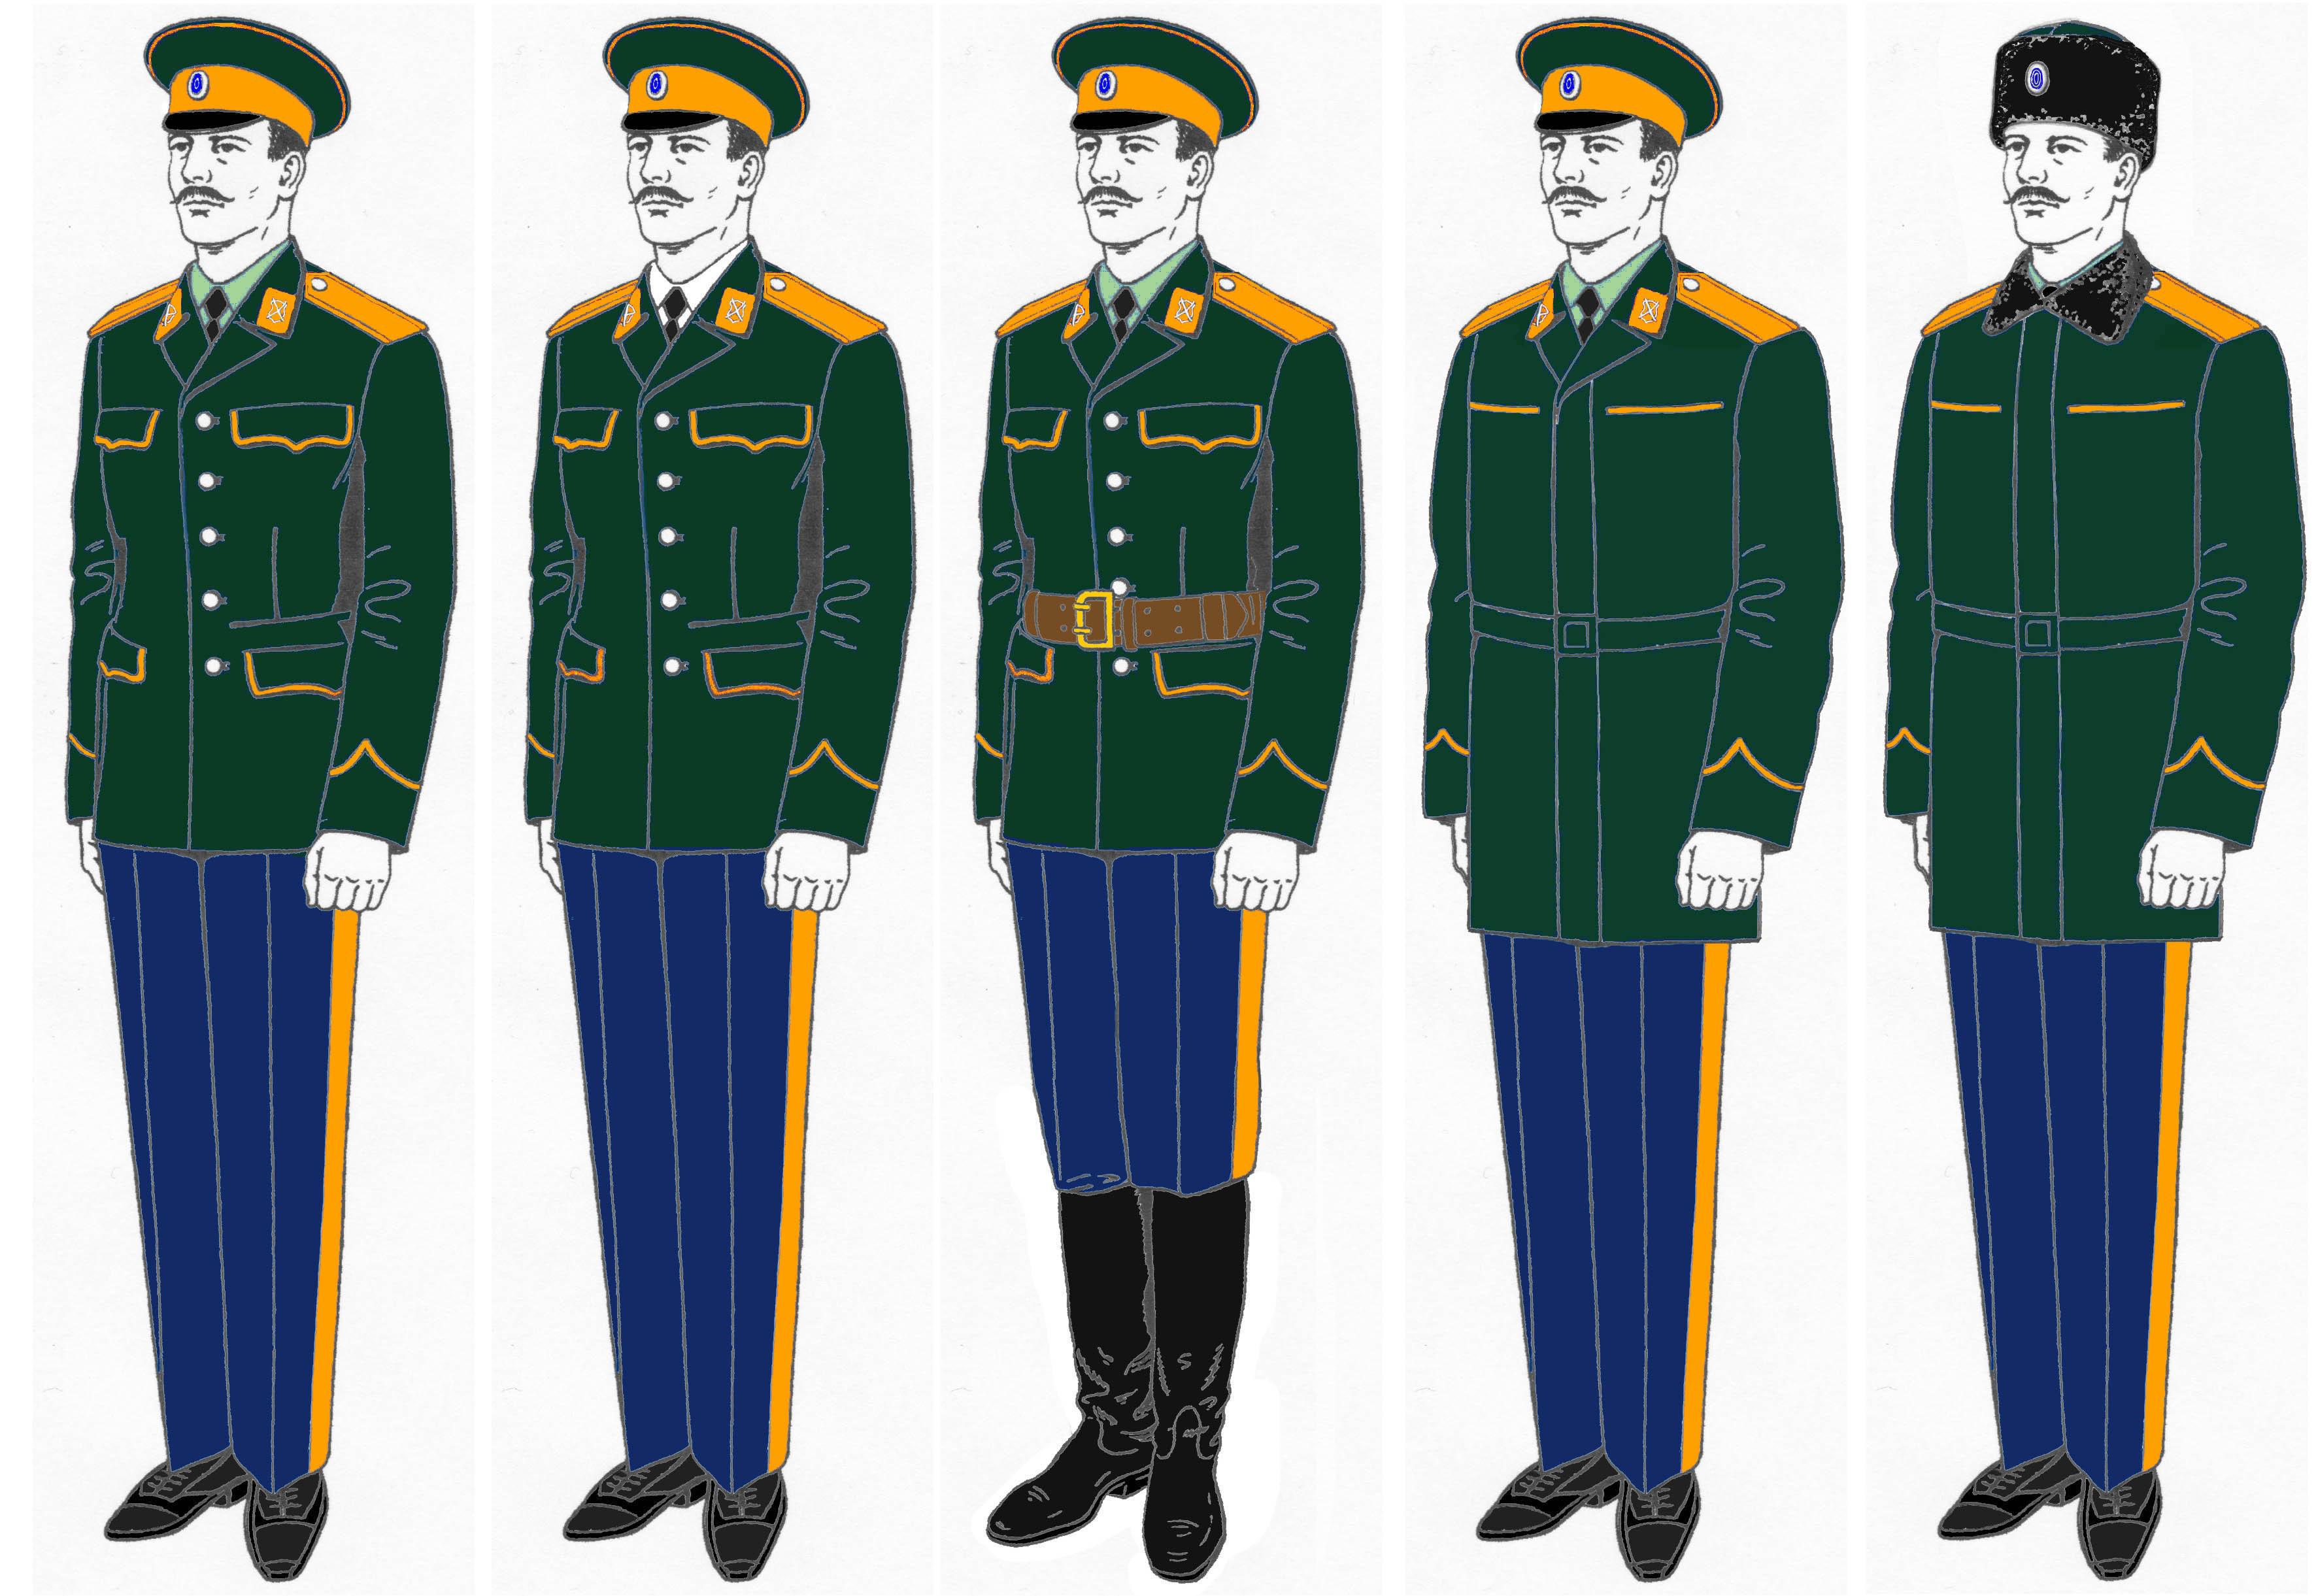 wearing army uniform